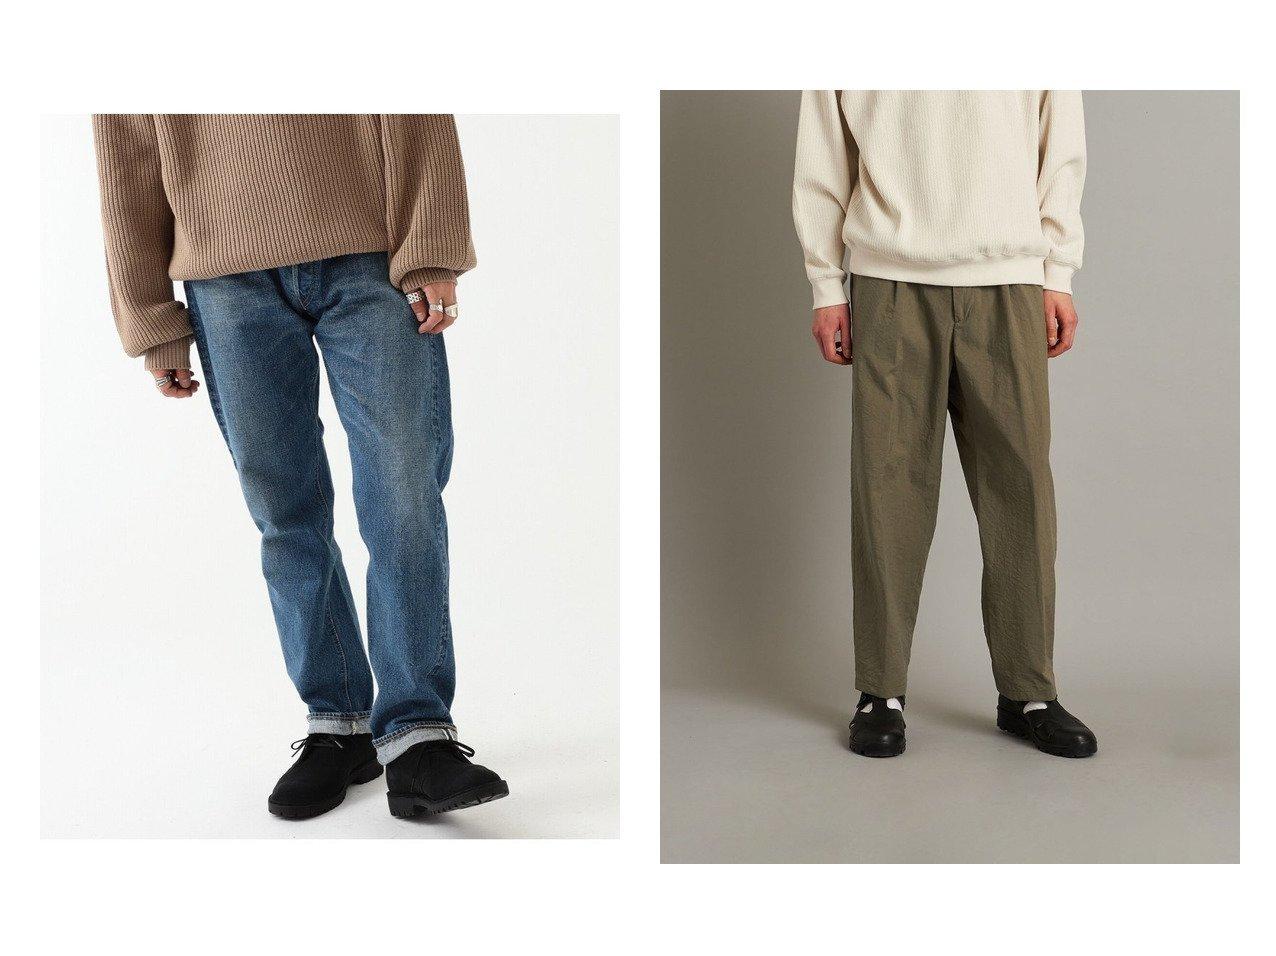 【BEAMS / MEN/ビームス】のスタンダード ユーズド デニム&【steven alan / MEN/スティーブンアラン】のパンツ 【MEN】おすすめ!人気トレンド・男性、メンズファッションの通販 おすすめで人気の流行・トレンド、ファッションの通販商品 メンズファッション・キッズファッション・インテリア・家具・レディースファッション・服の通販 founy(ファニー) https://founy.com/ ファッション Fashion メンズファッション MEN ボトムス Bottoms/Men S/S・春夏 SS・Spring/Summer おすすめ Recommend ジーンズ テーパード 春 Spring |ID:crp329100000028979